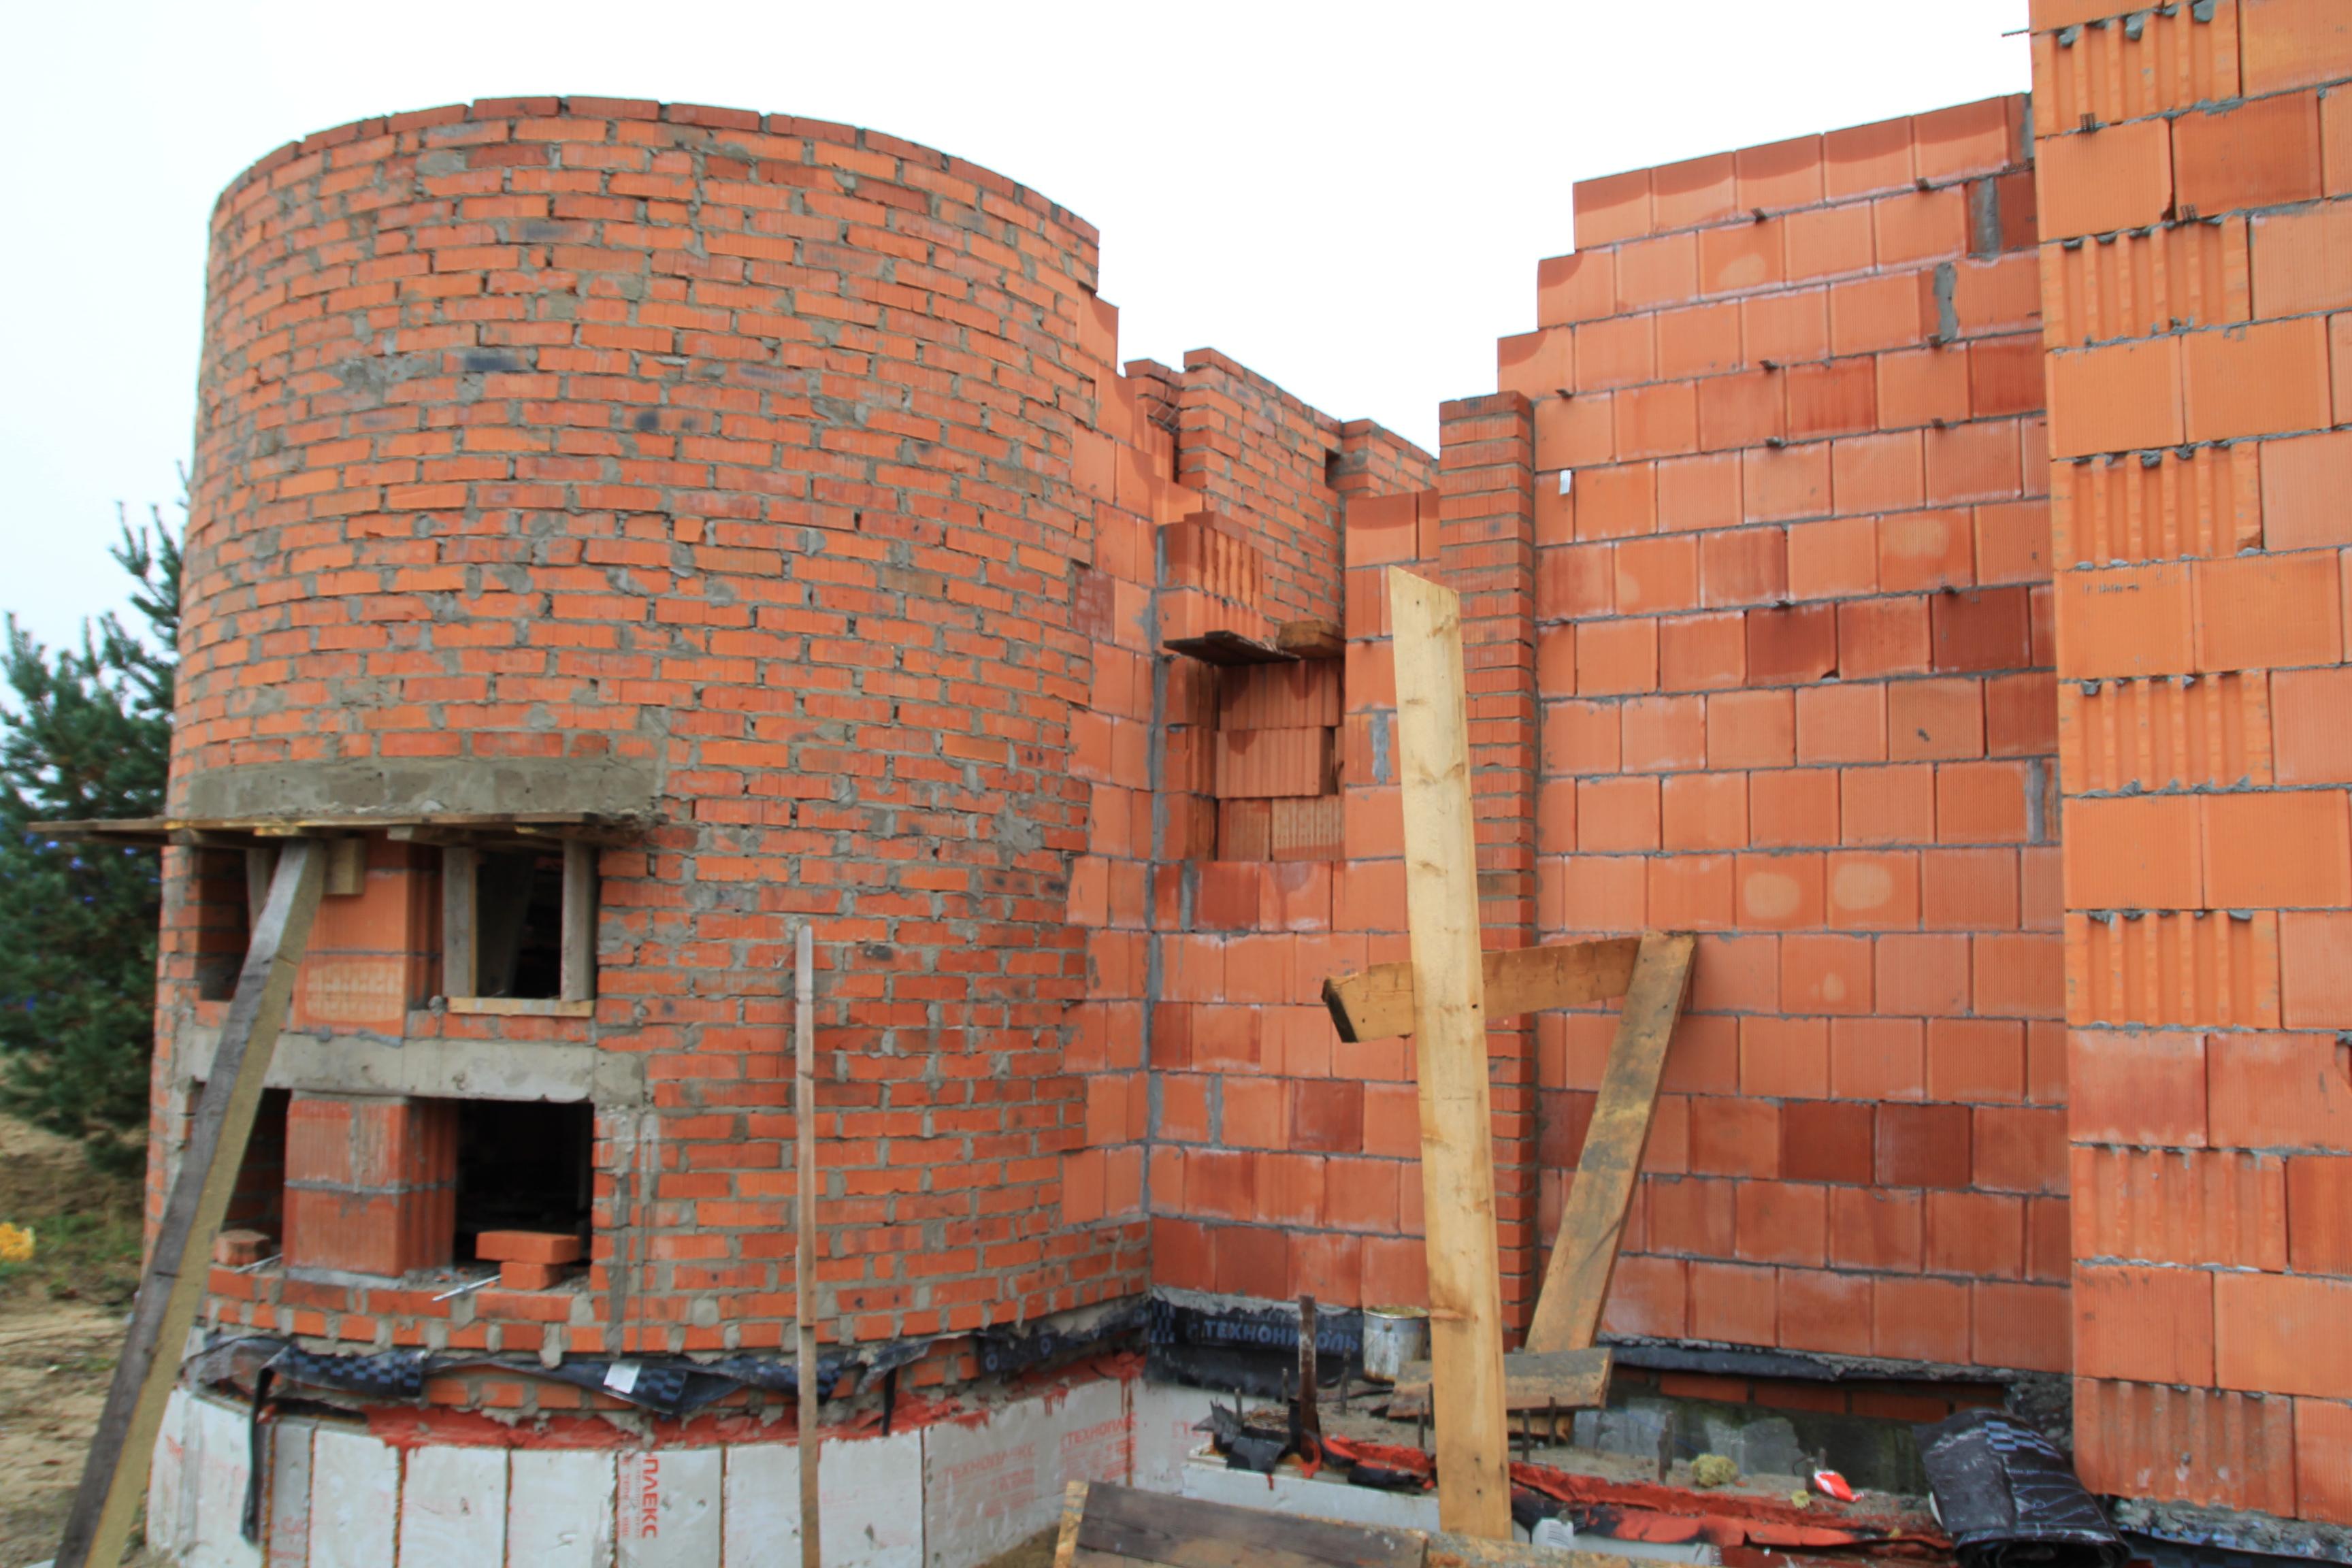 Проект современного дома с плоской кровлей Ниагара в Шатуре - строительство, 2017 - кладка стен первого этажа